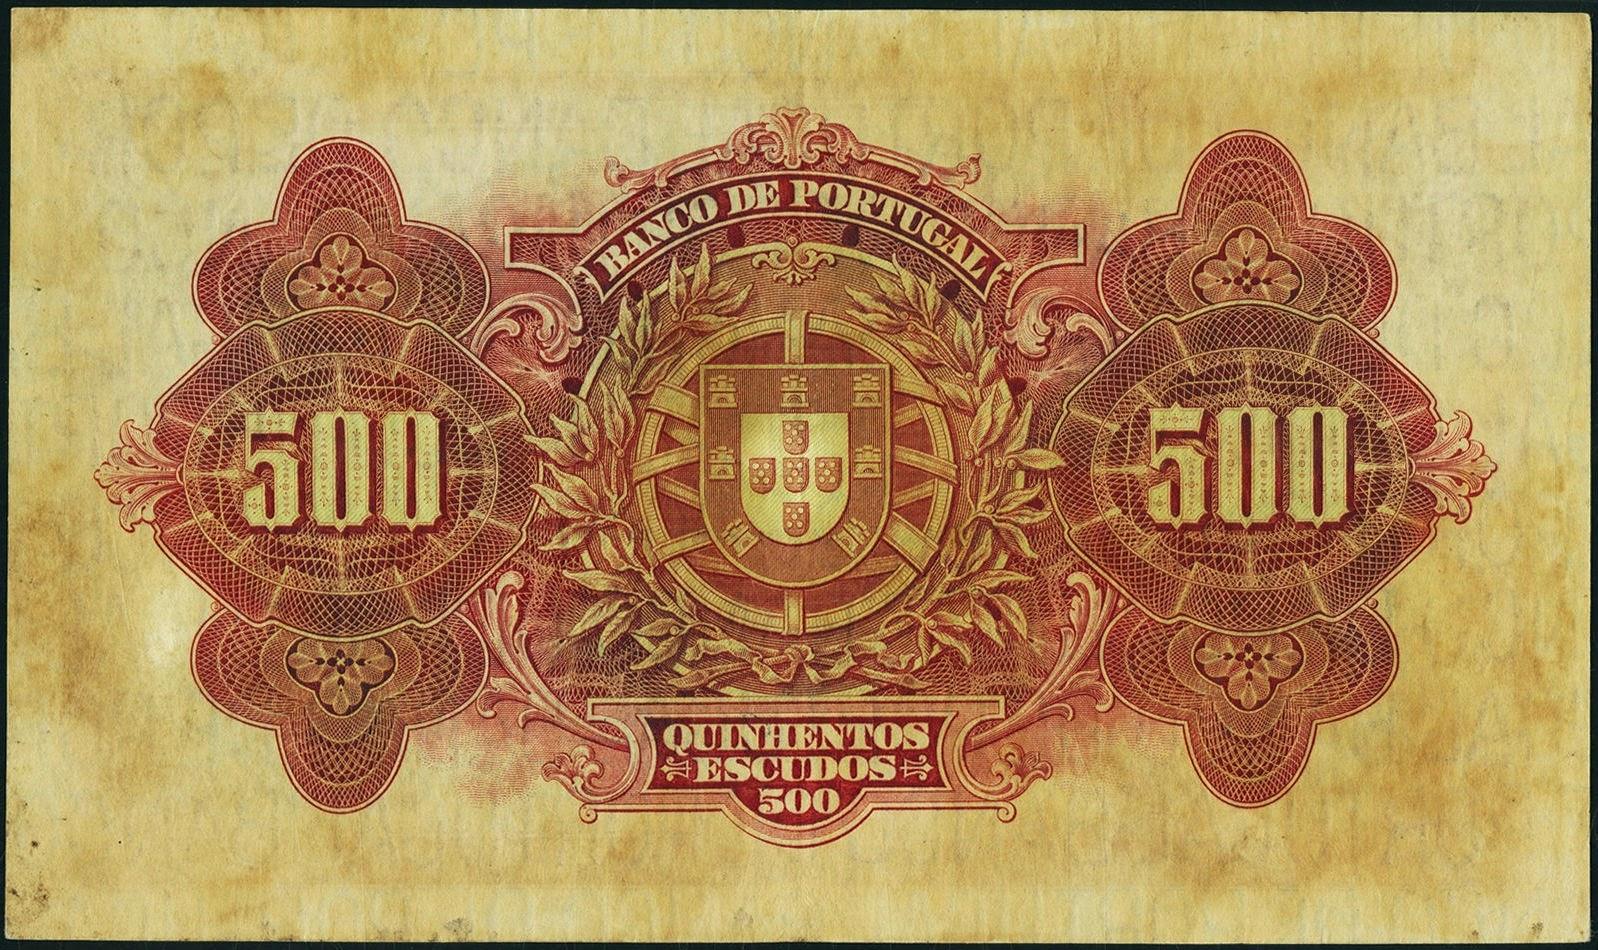 Portugal 500 Escudos banknote pre-euro Portuguese Escudo notes